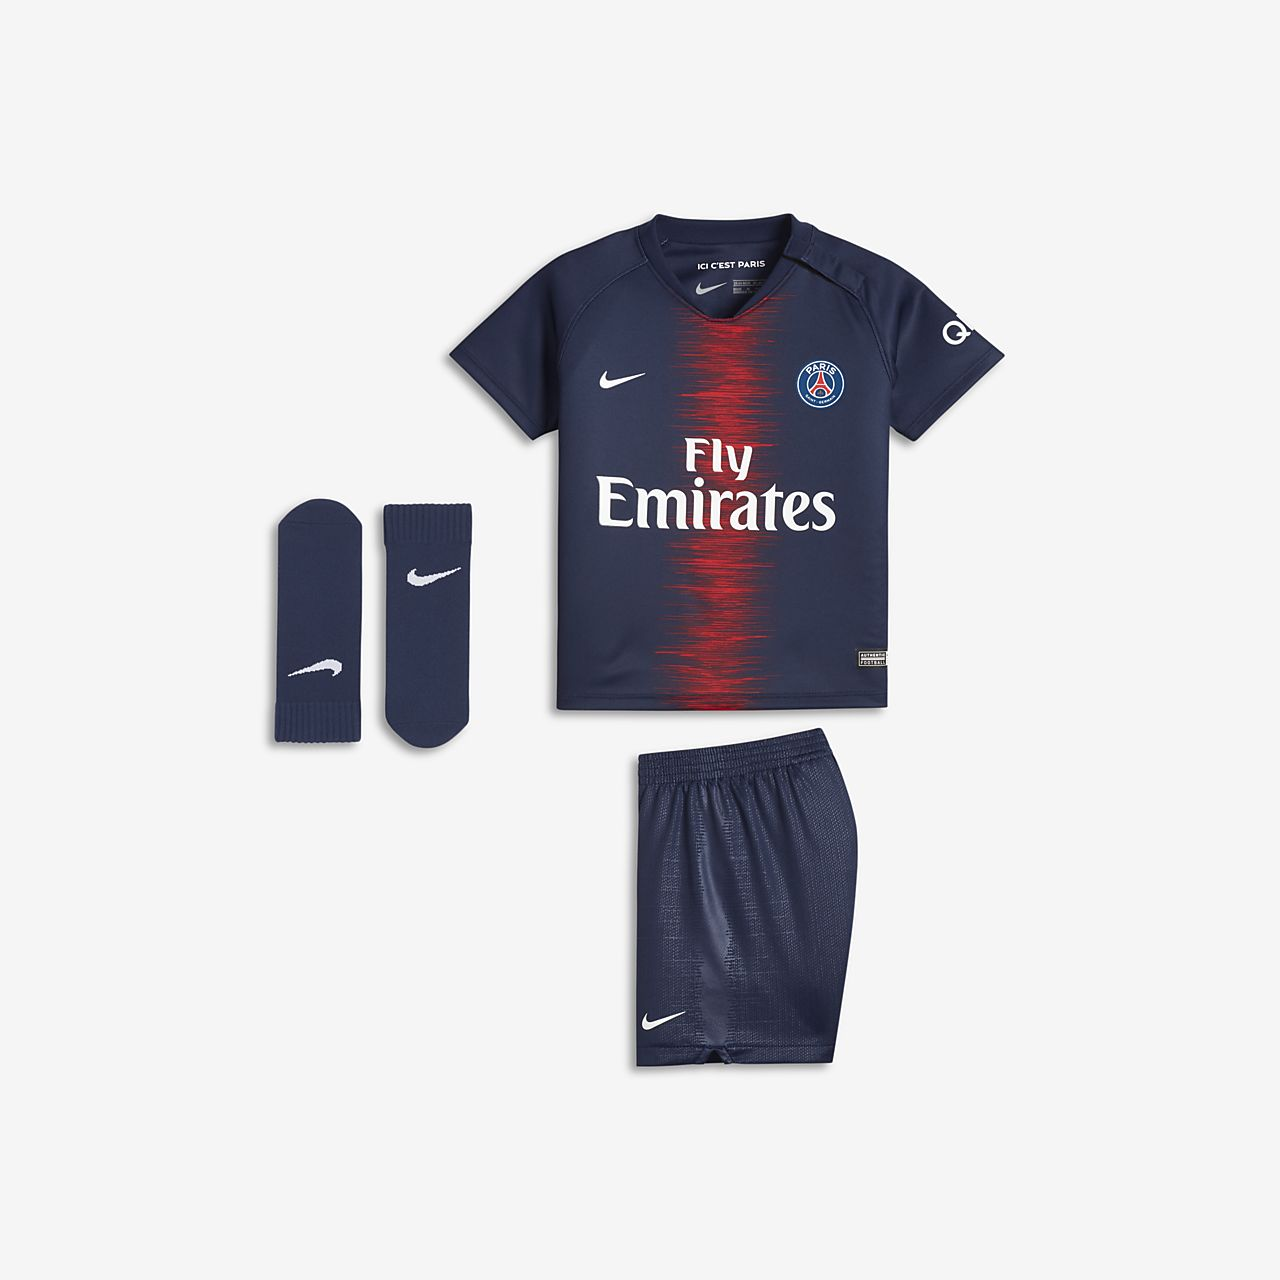 5413742bb2966b Make T Shirts At Home Kit